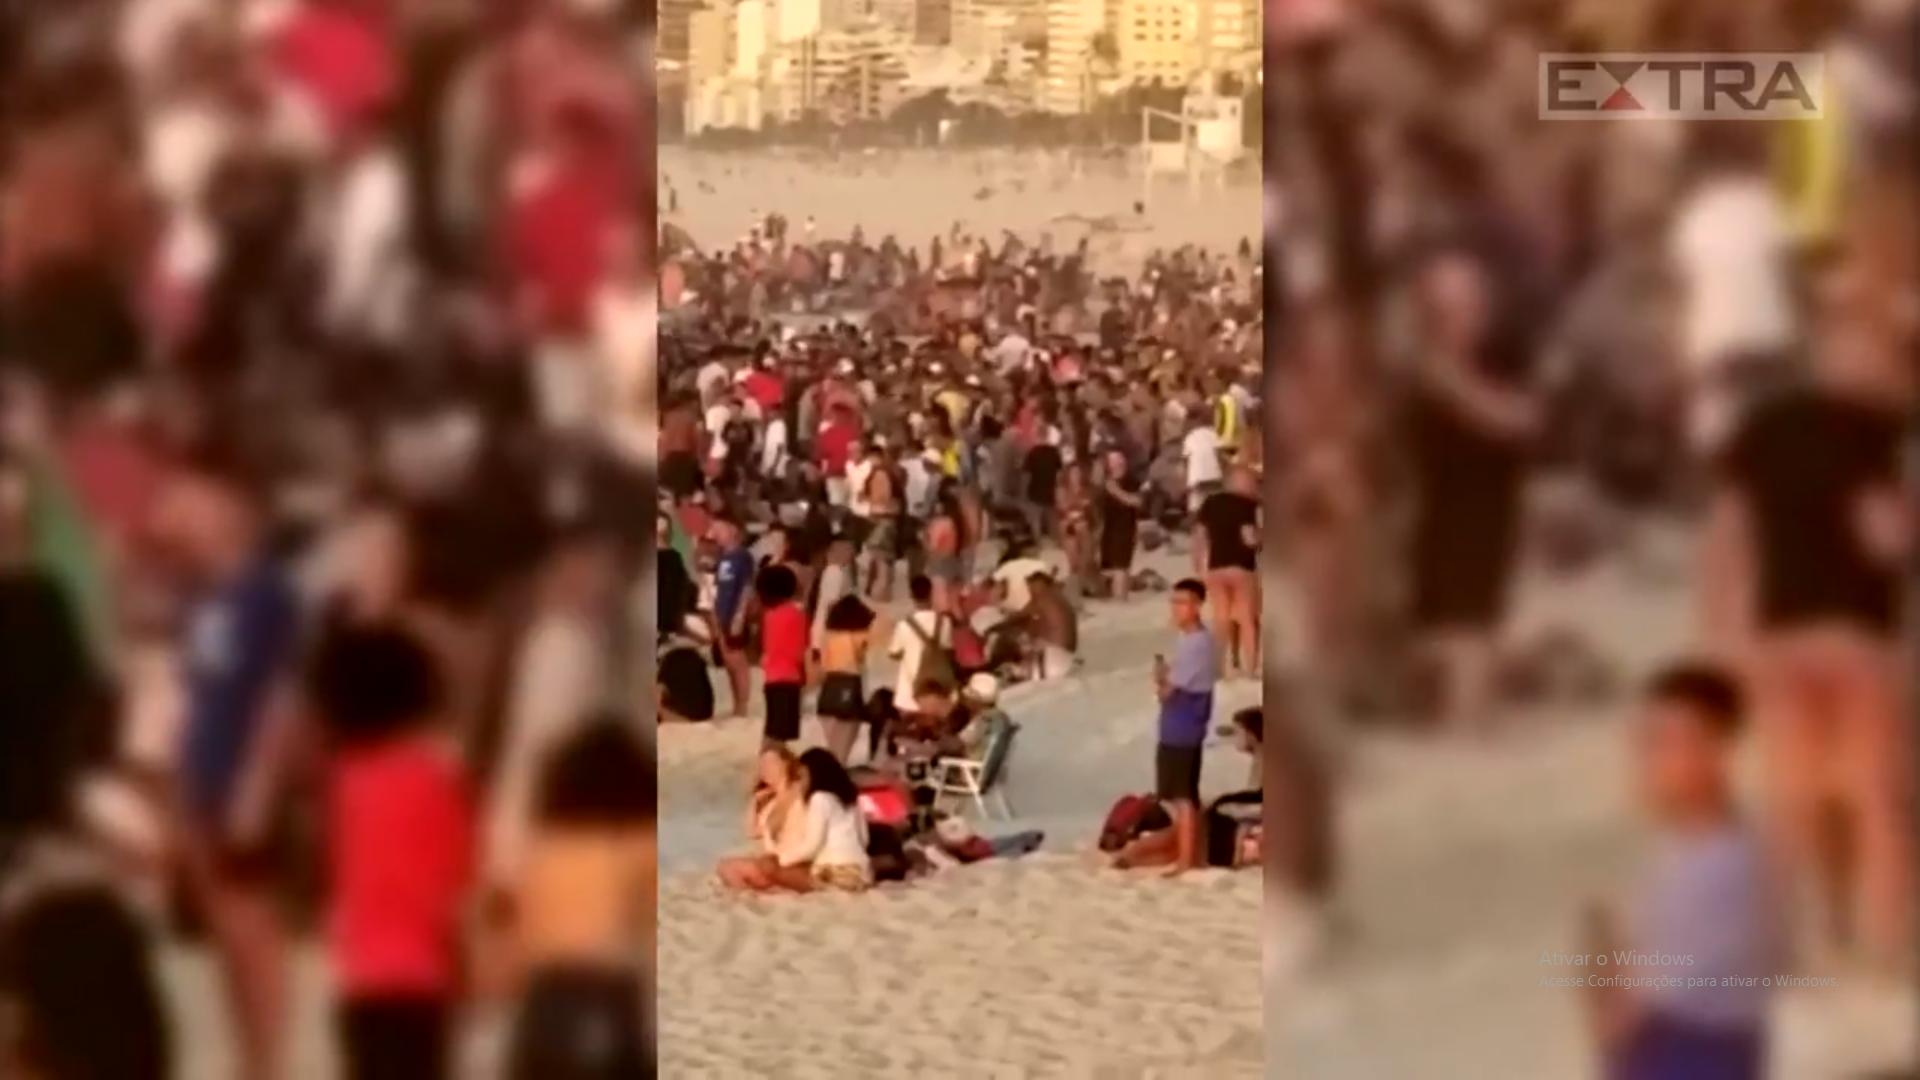 Captura de Tela 596 - No domingo (31), praia de Ipanema amanhece lotada e a aglomeração impressiona.